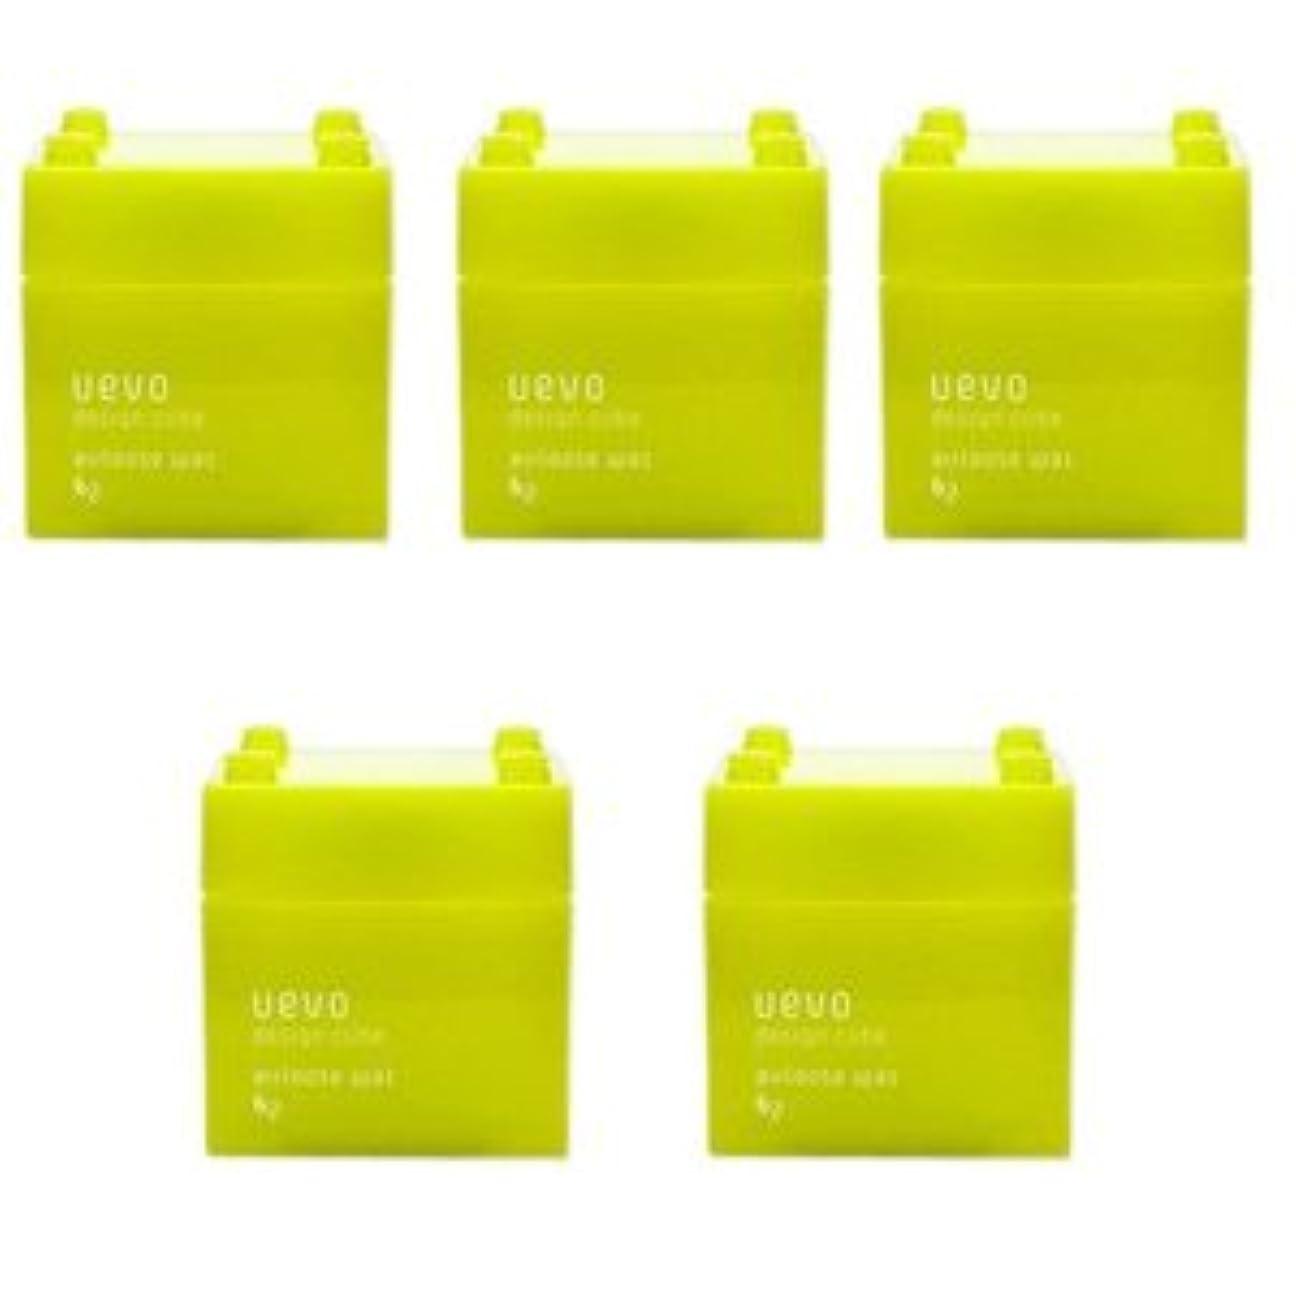 グレードサークルの量【X5個セット】 デミ ウェーボ デザインキューブ エアルーズワックス 80g airloose wax DEMI uevo design cube